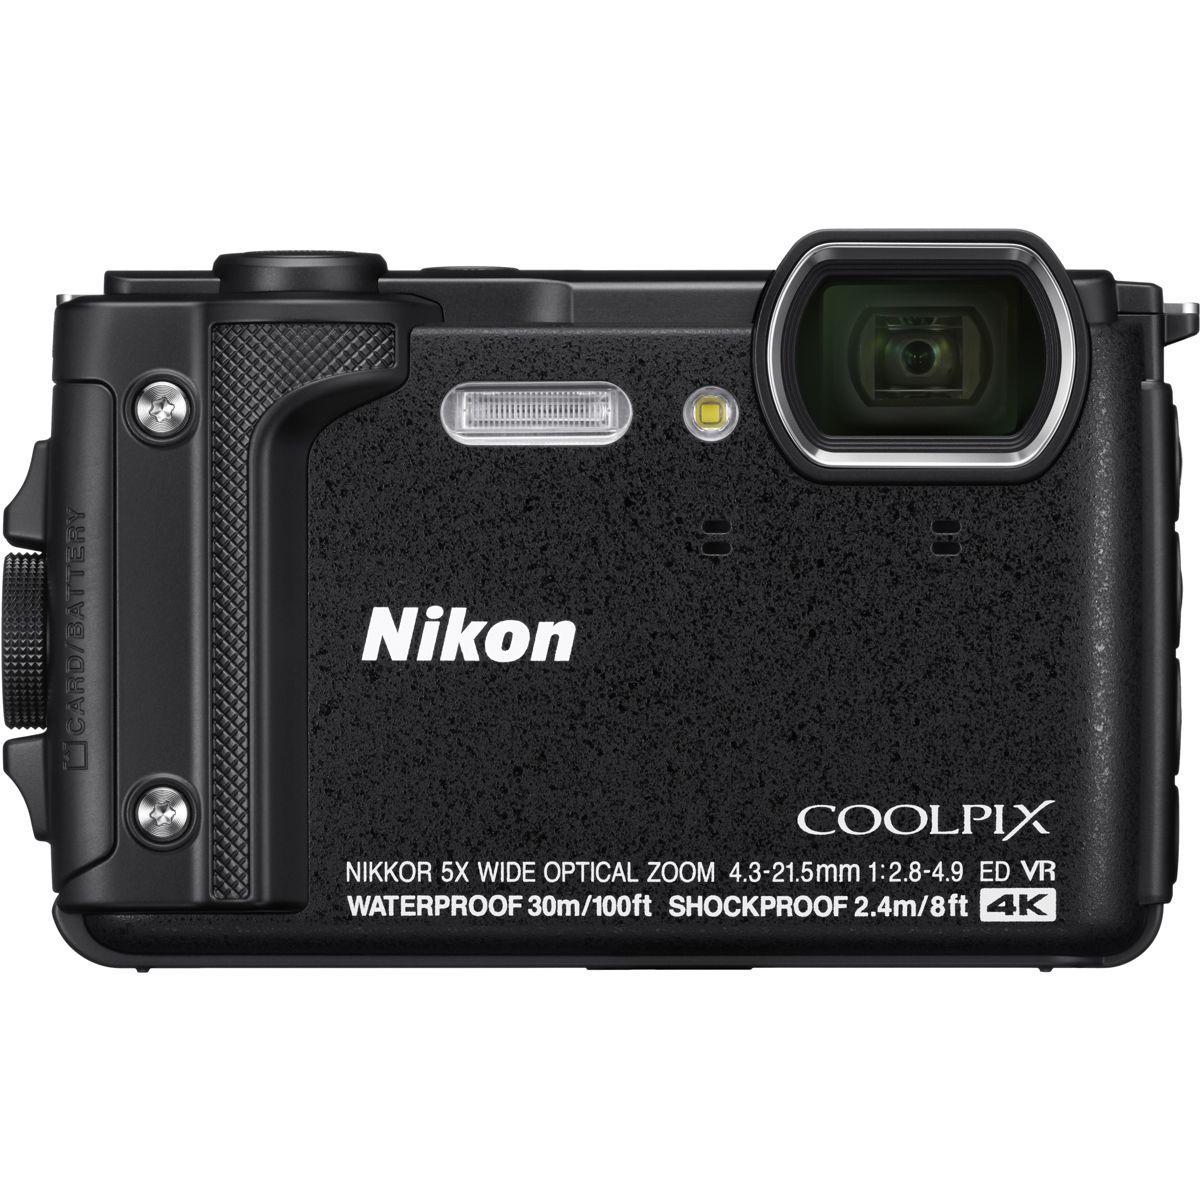 Appareil photo compact nikon coolpix w300 noir + sac �tanche - 7% de remise imm�diate avec le code : automne7 (photo)